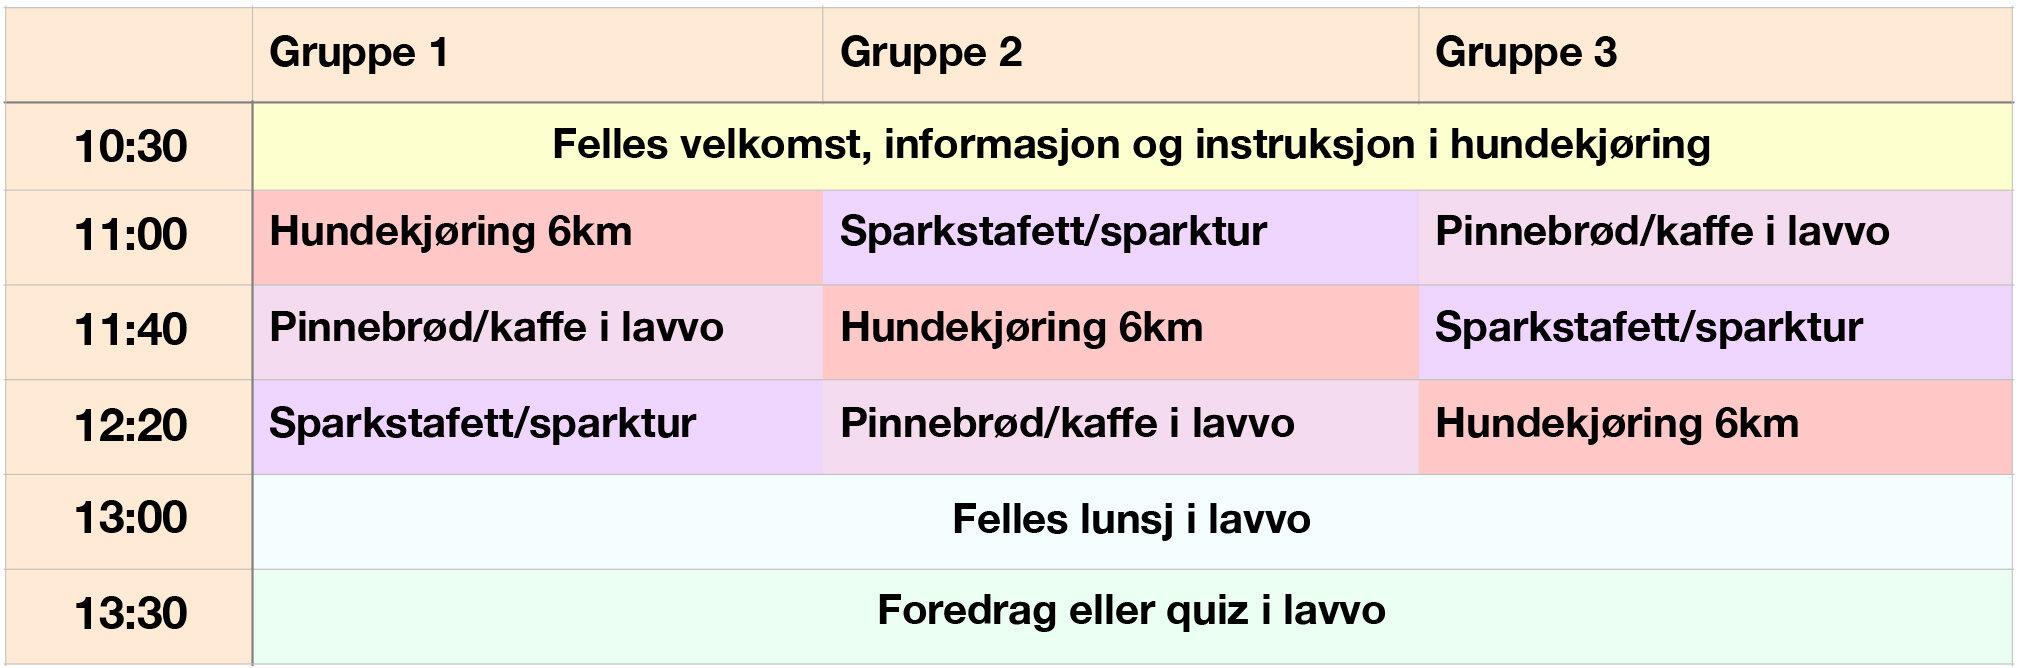 Gruppeeksempel (Copy)